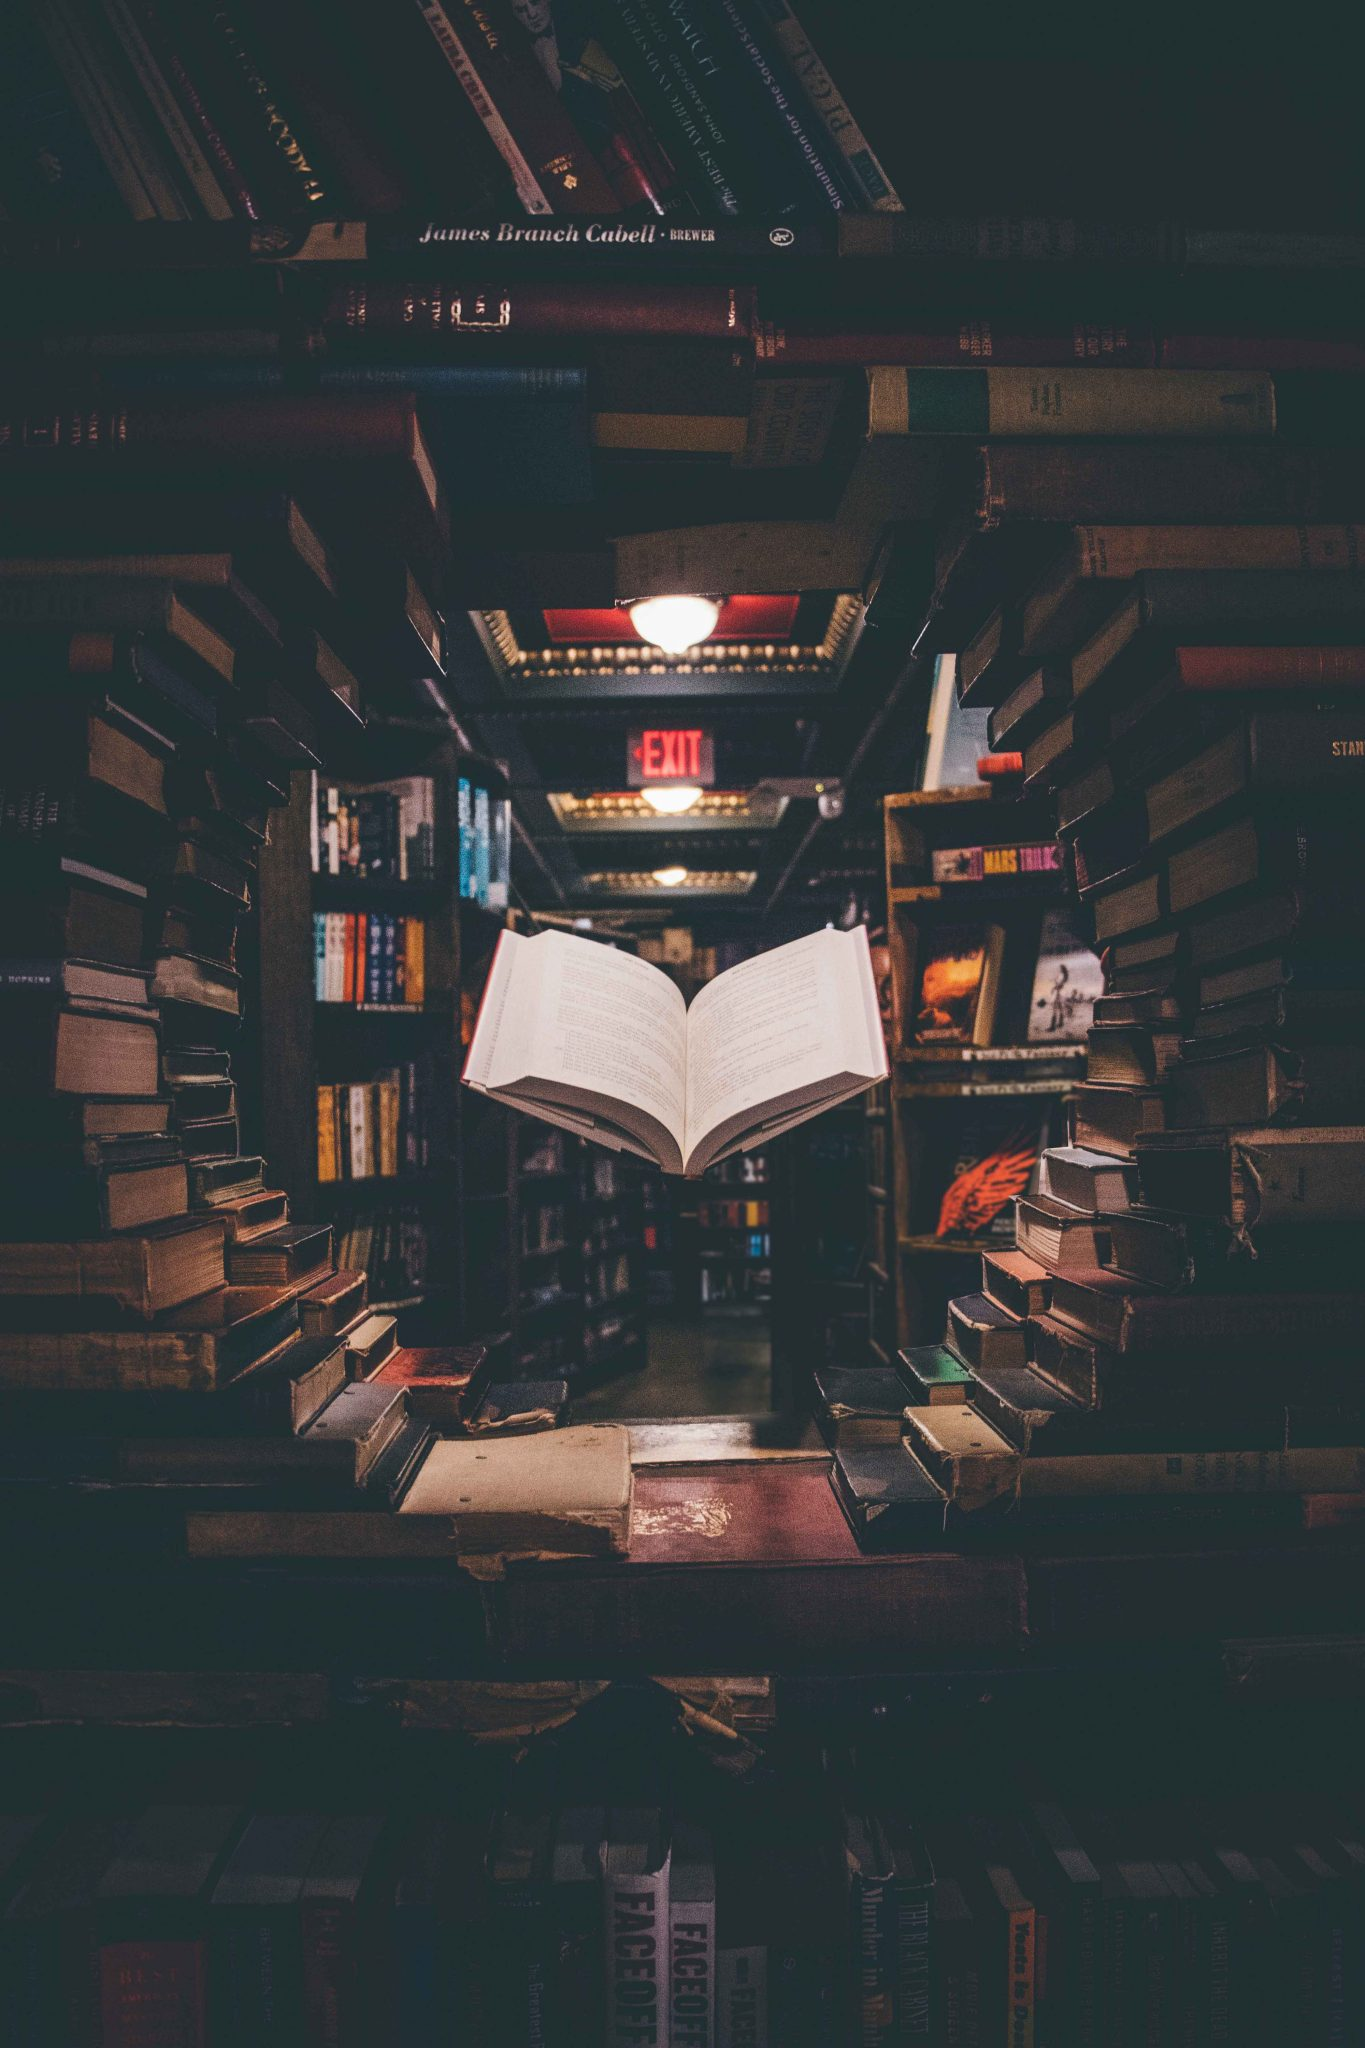 Books-jaredd-craig